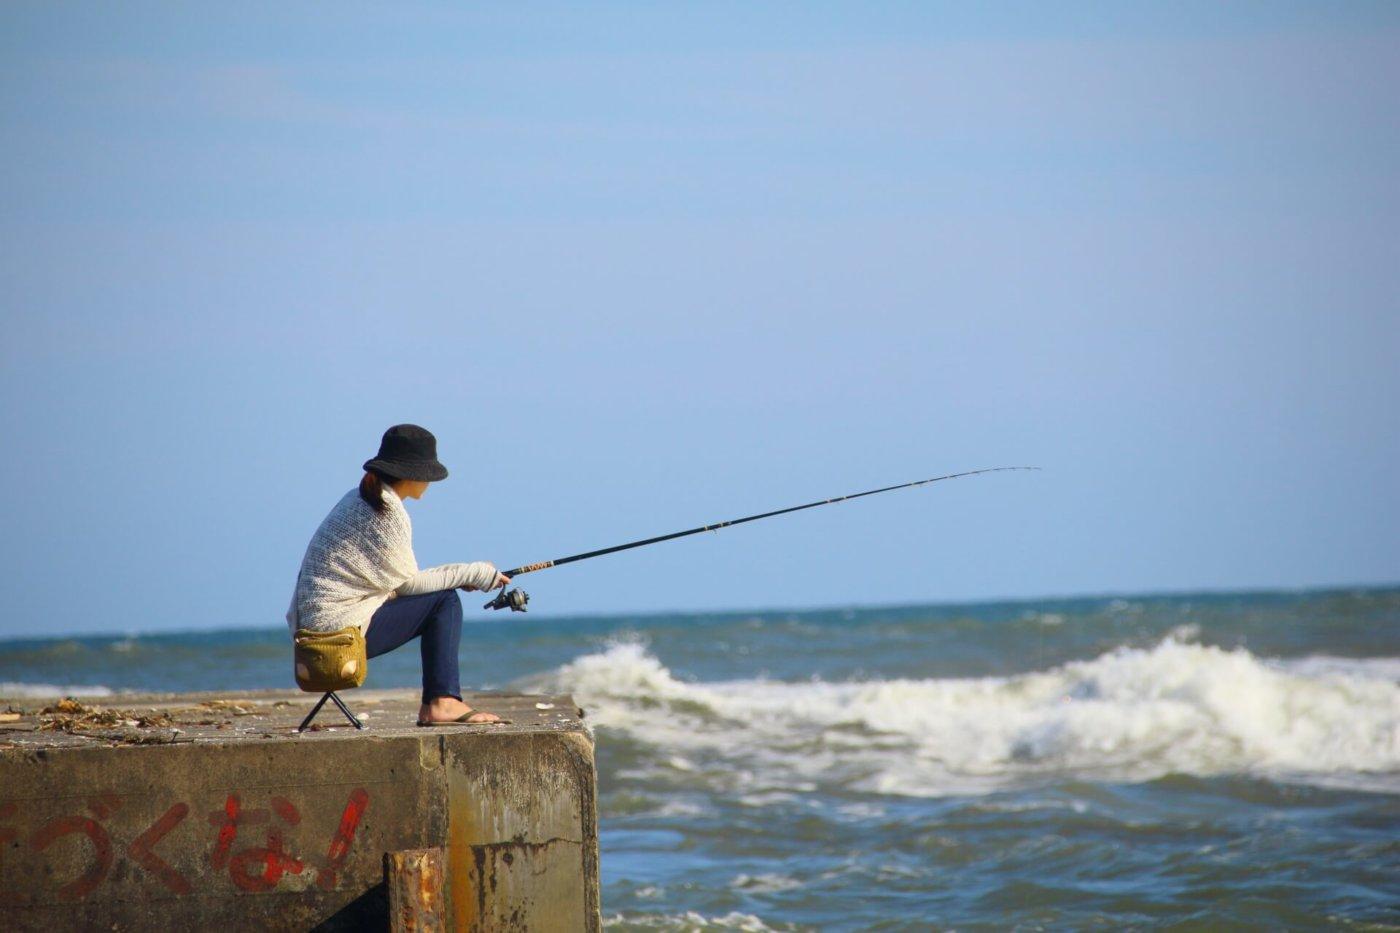 釣りガール (女子)の 服装ならこれが可愛いと思う!